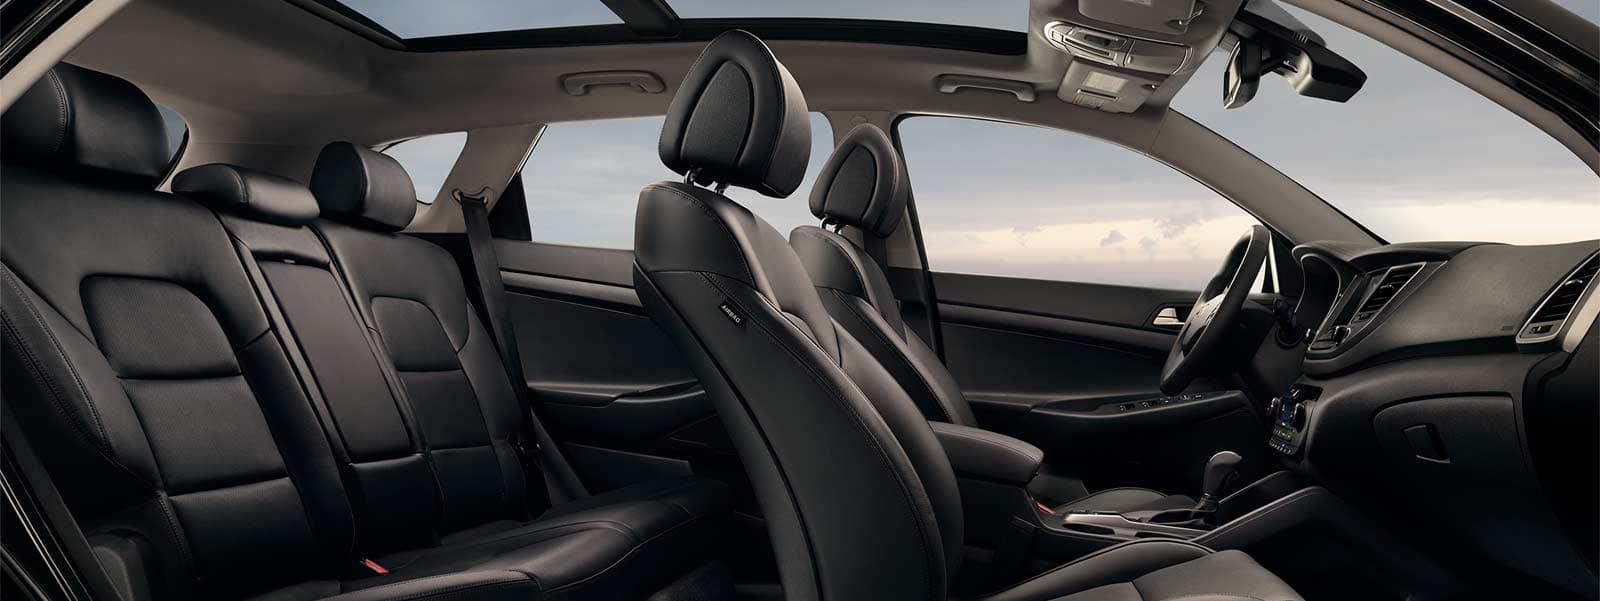 2016 Tucson Limited Ultimate Black 0058 Seats